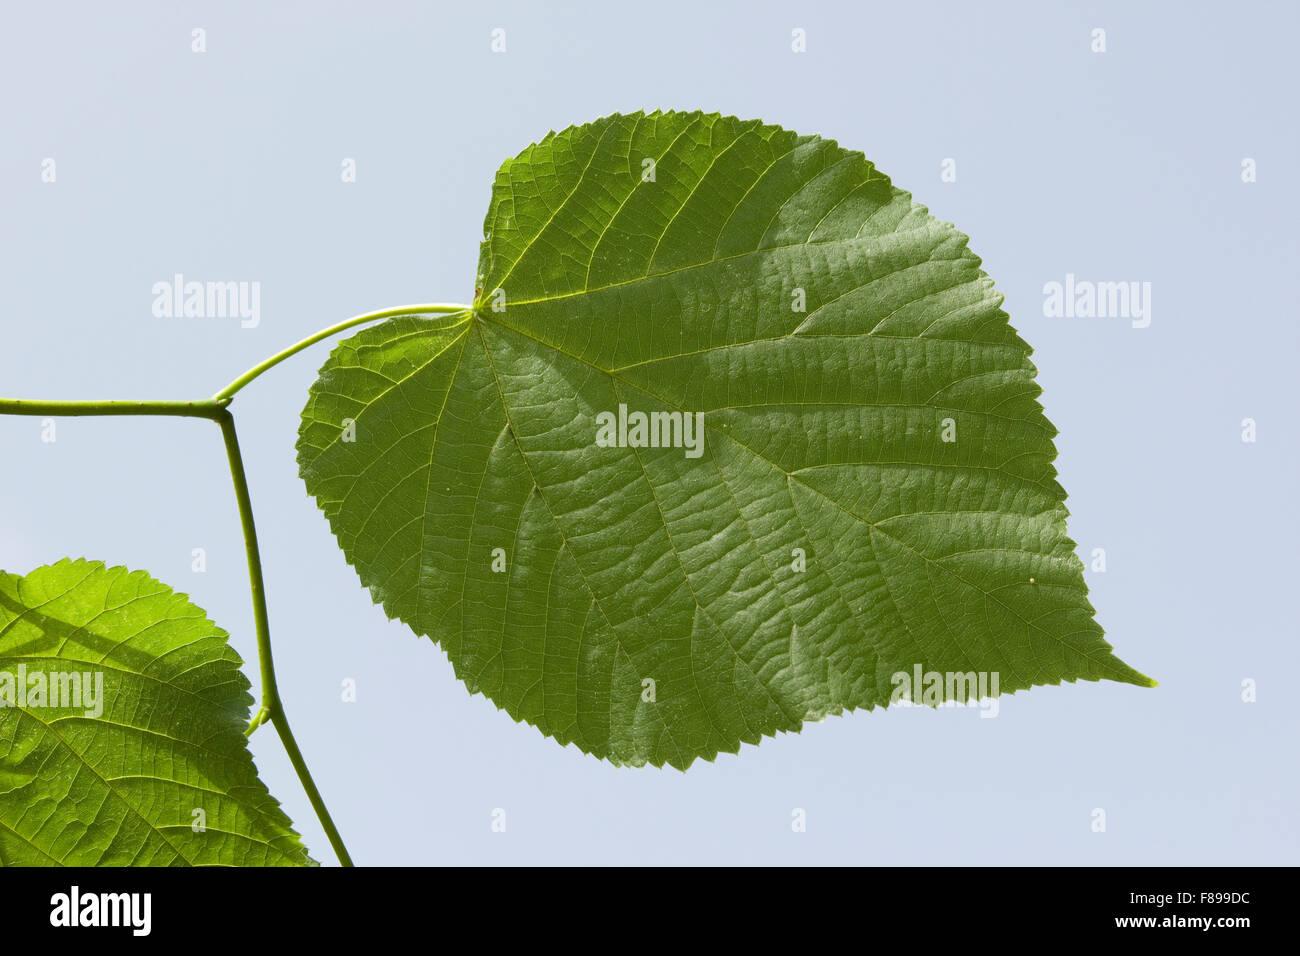 Large Leaved Lime, Linden, leaf, leaves, Sommerlinde, Sommer-Linde, Linde, Blätter, Blatt, Tilia platyphyllos Stock Photo